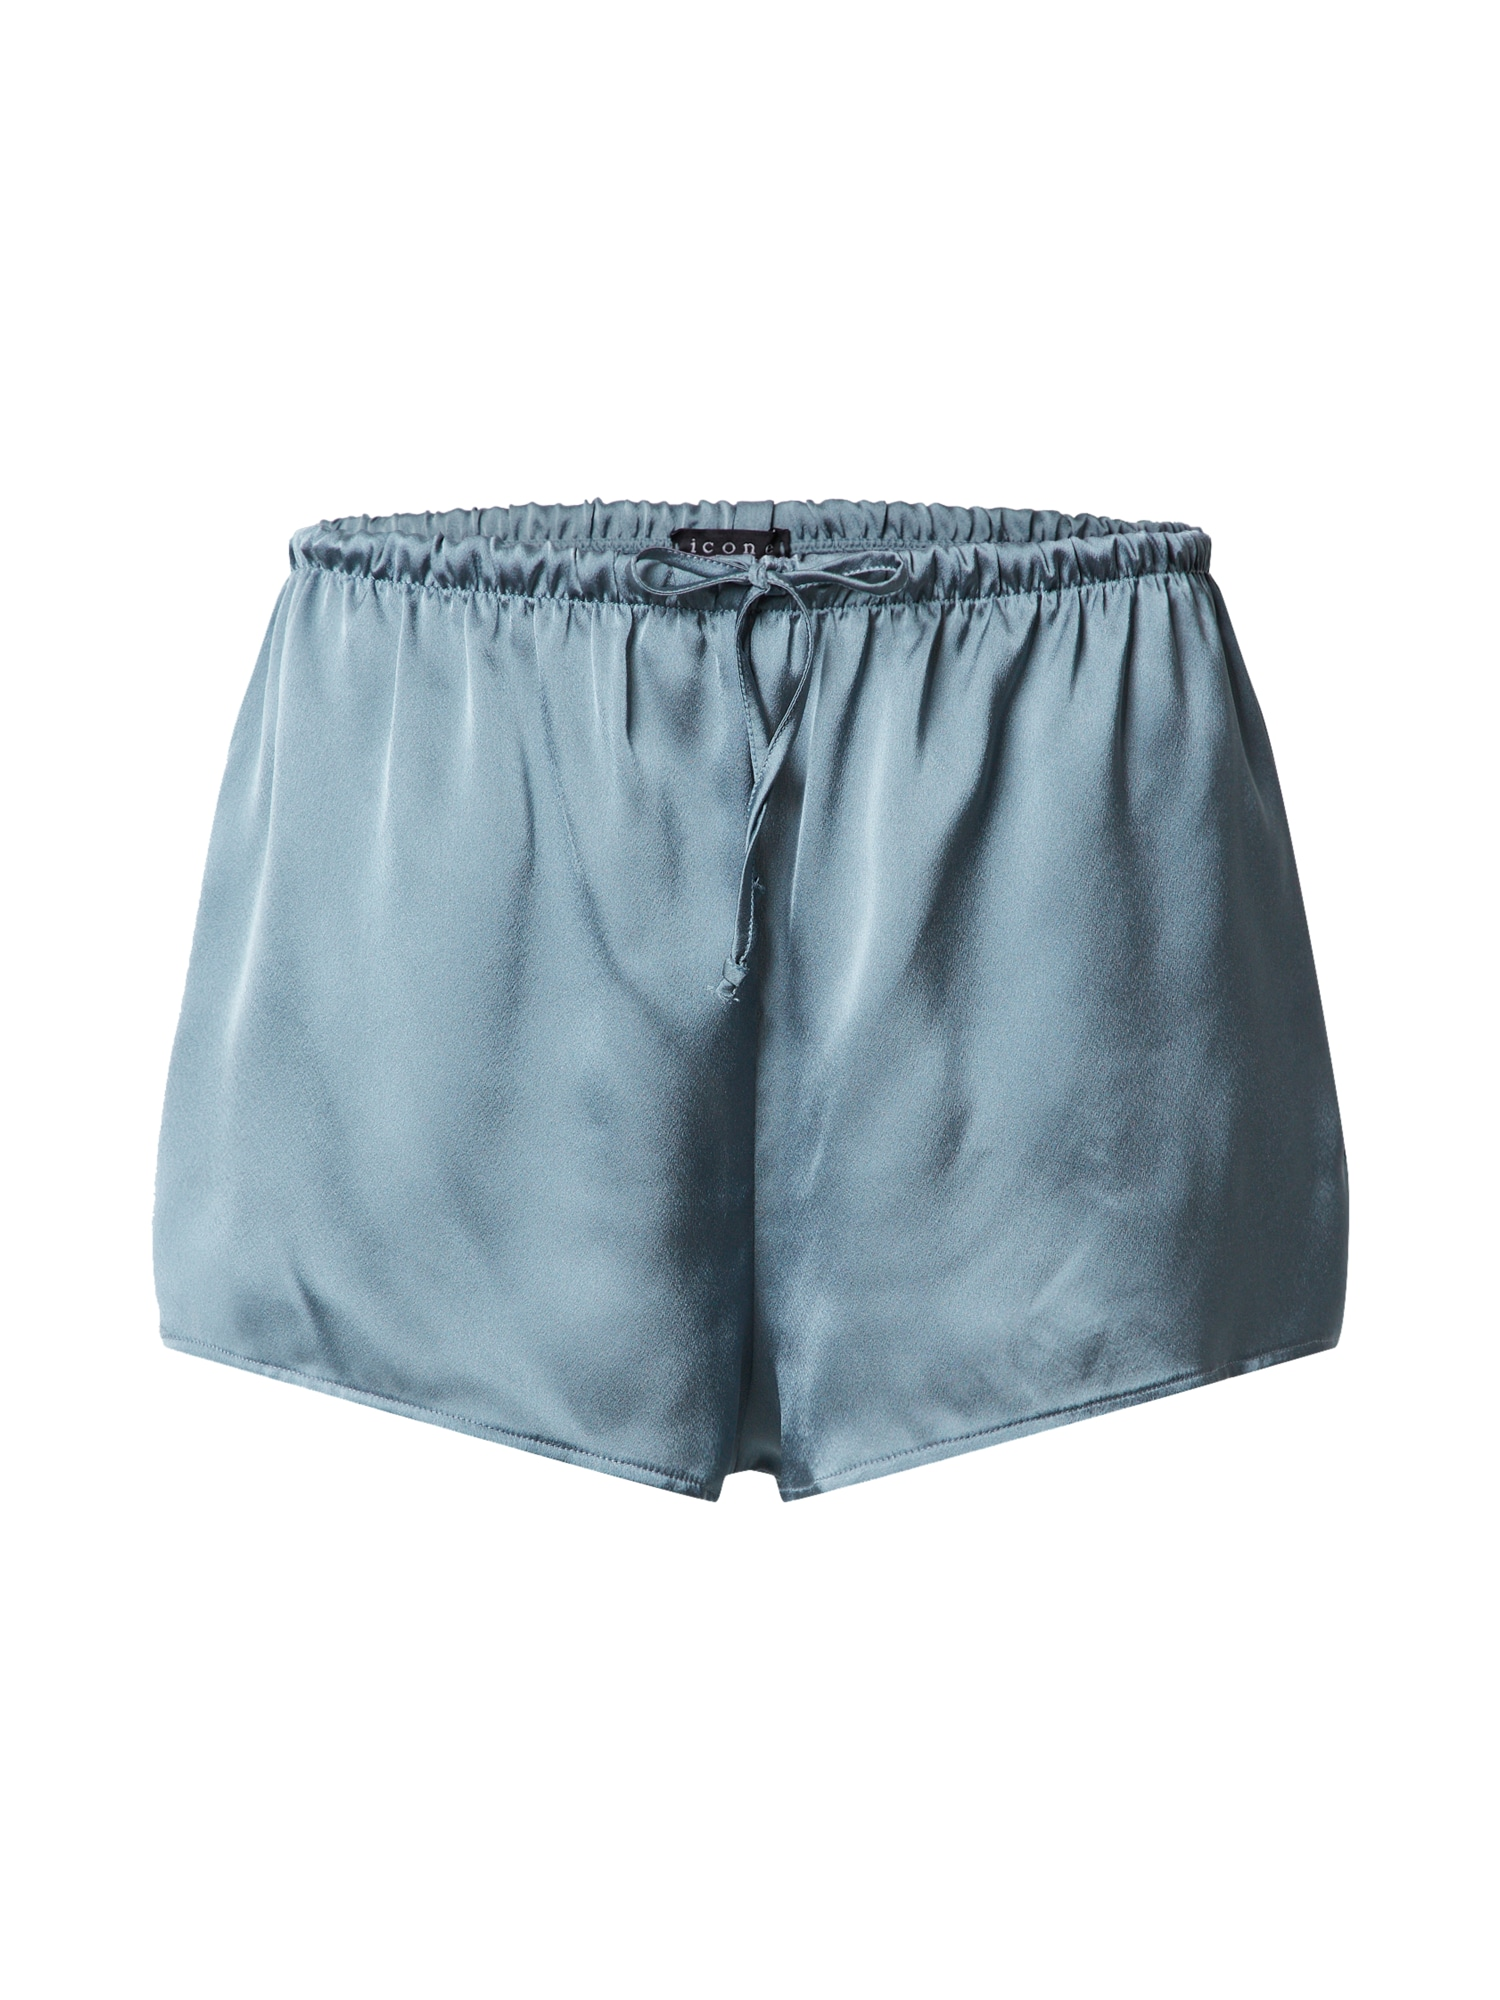 Icone Lingerie Pižaminės kelnės 'BIRGITTE' mėlyna / šviesiai mėlyna